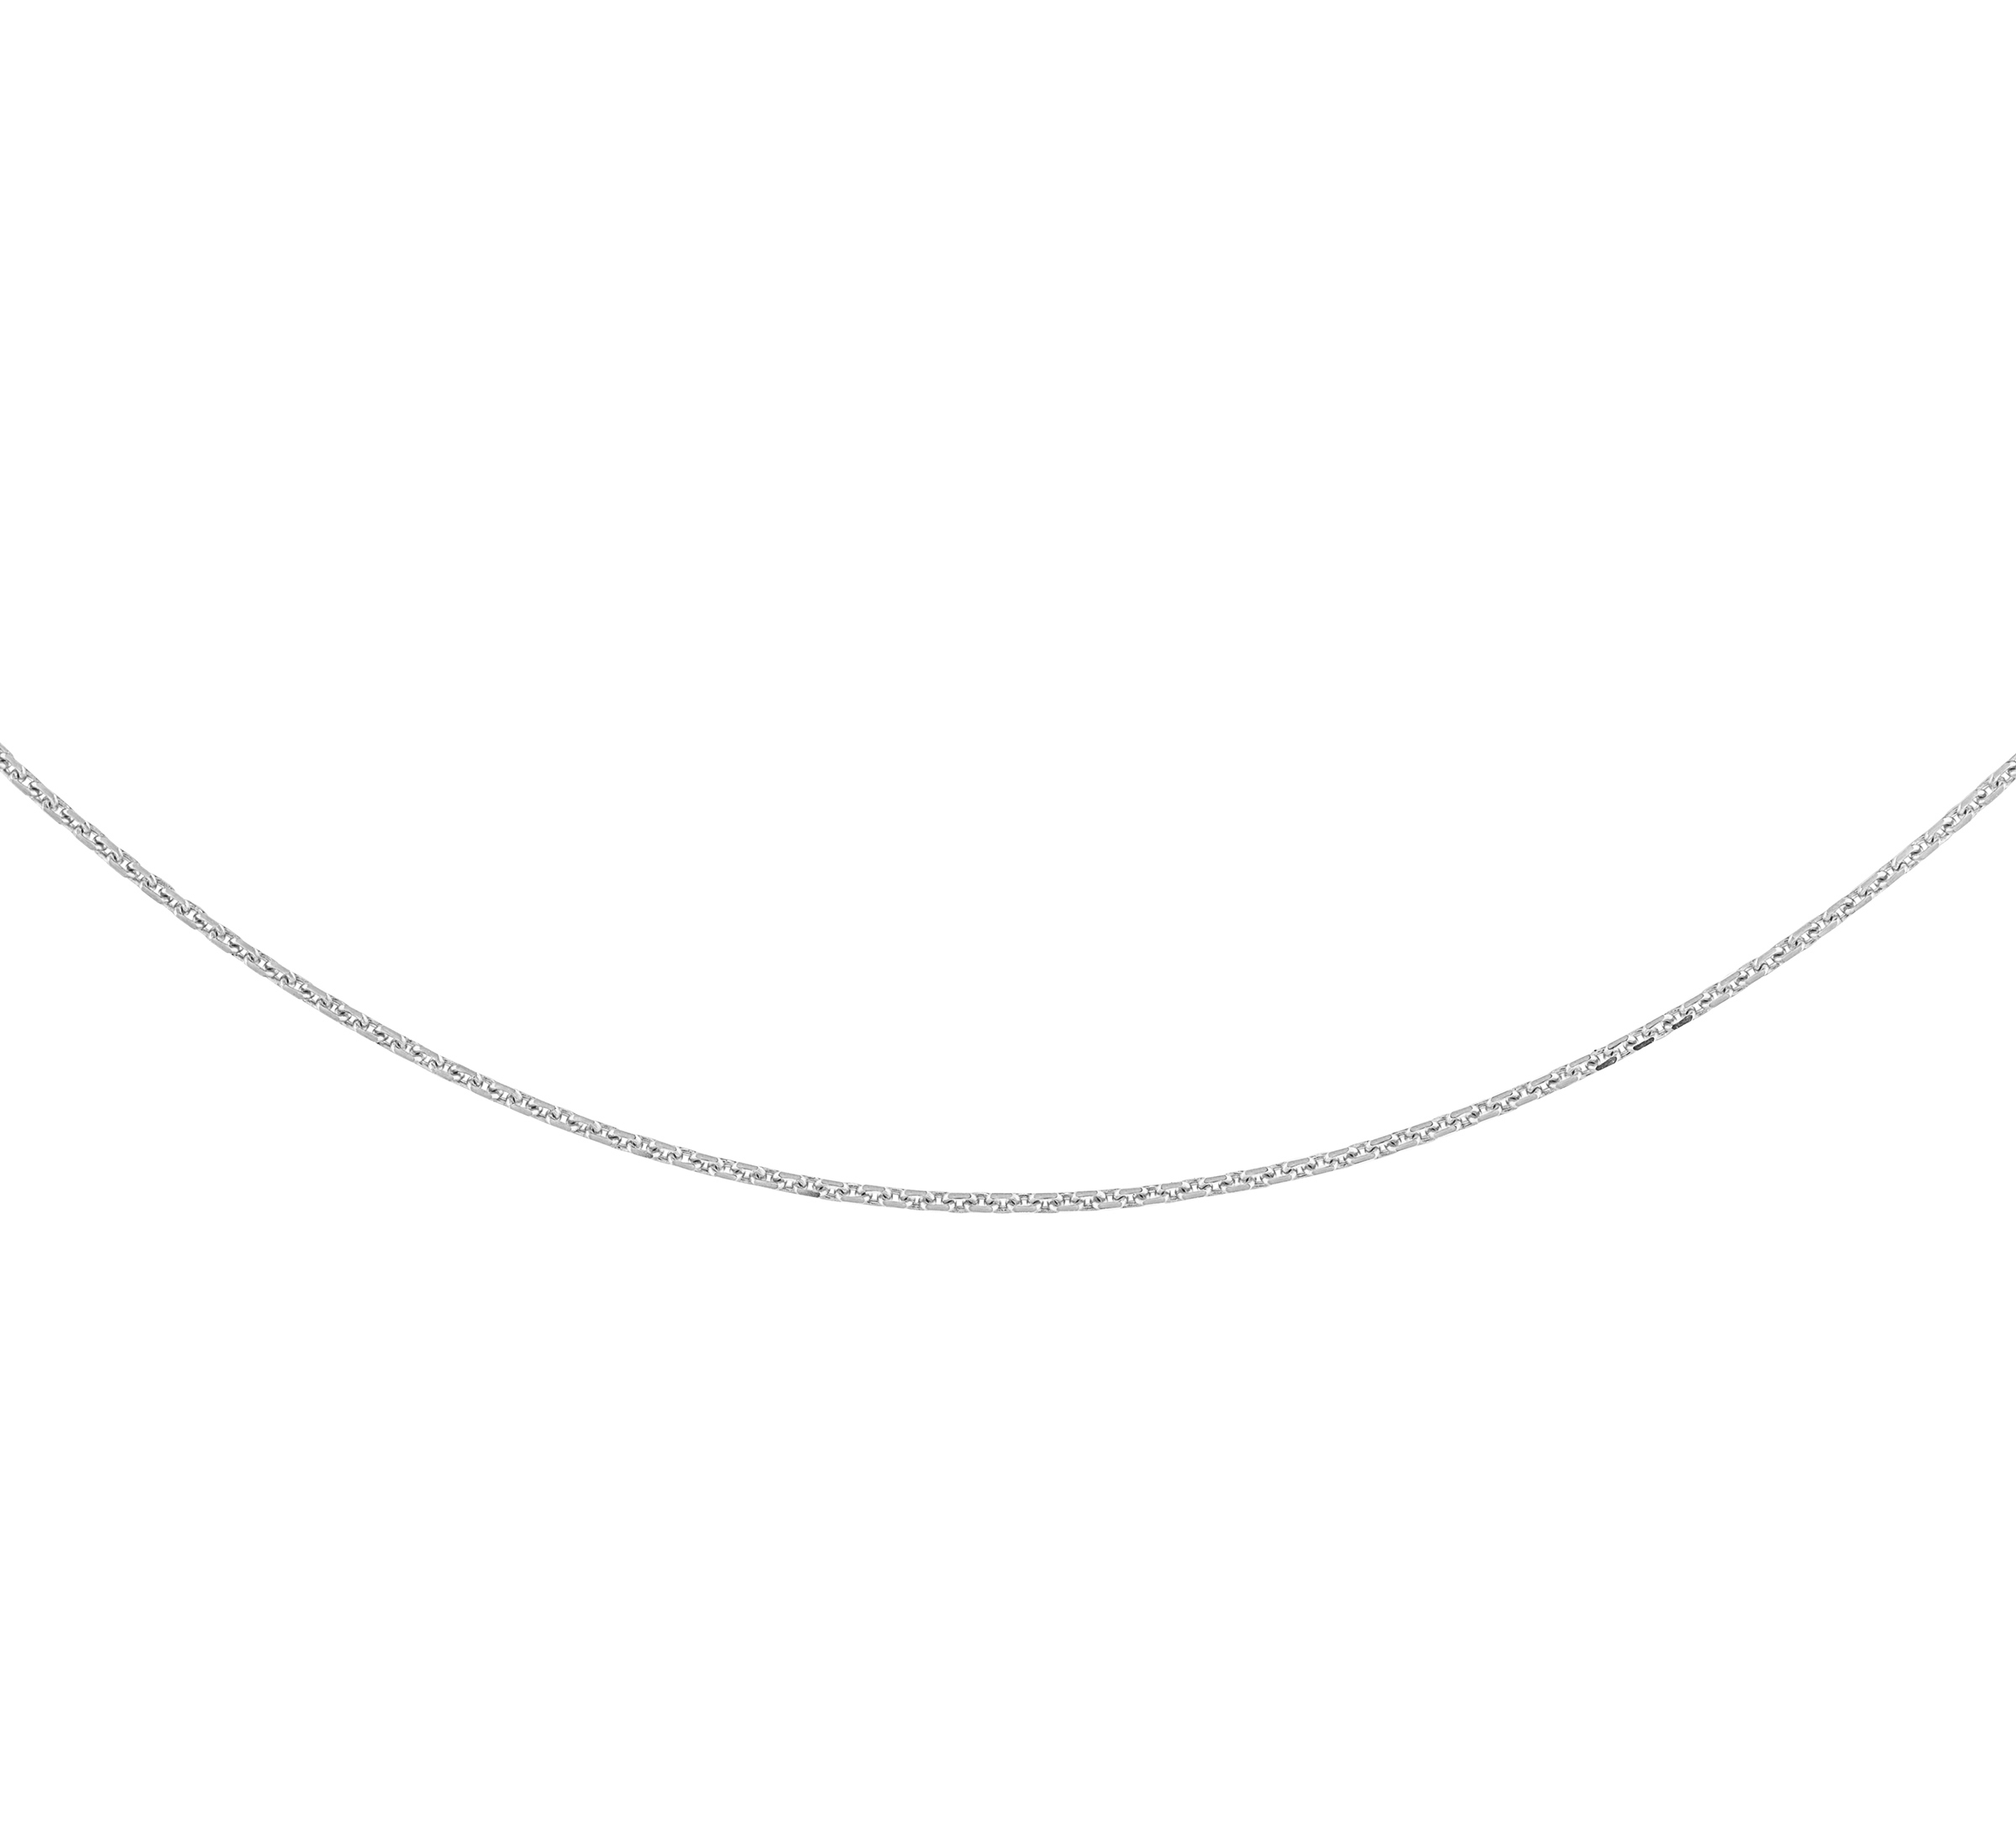 Chaîne de genre maillons 16'' pour femme - Or blanc 10K